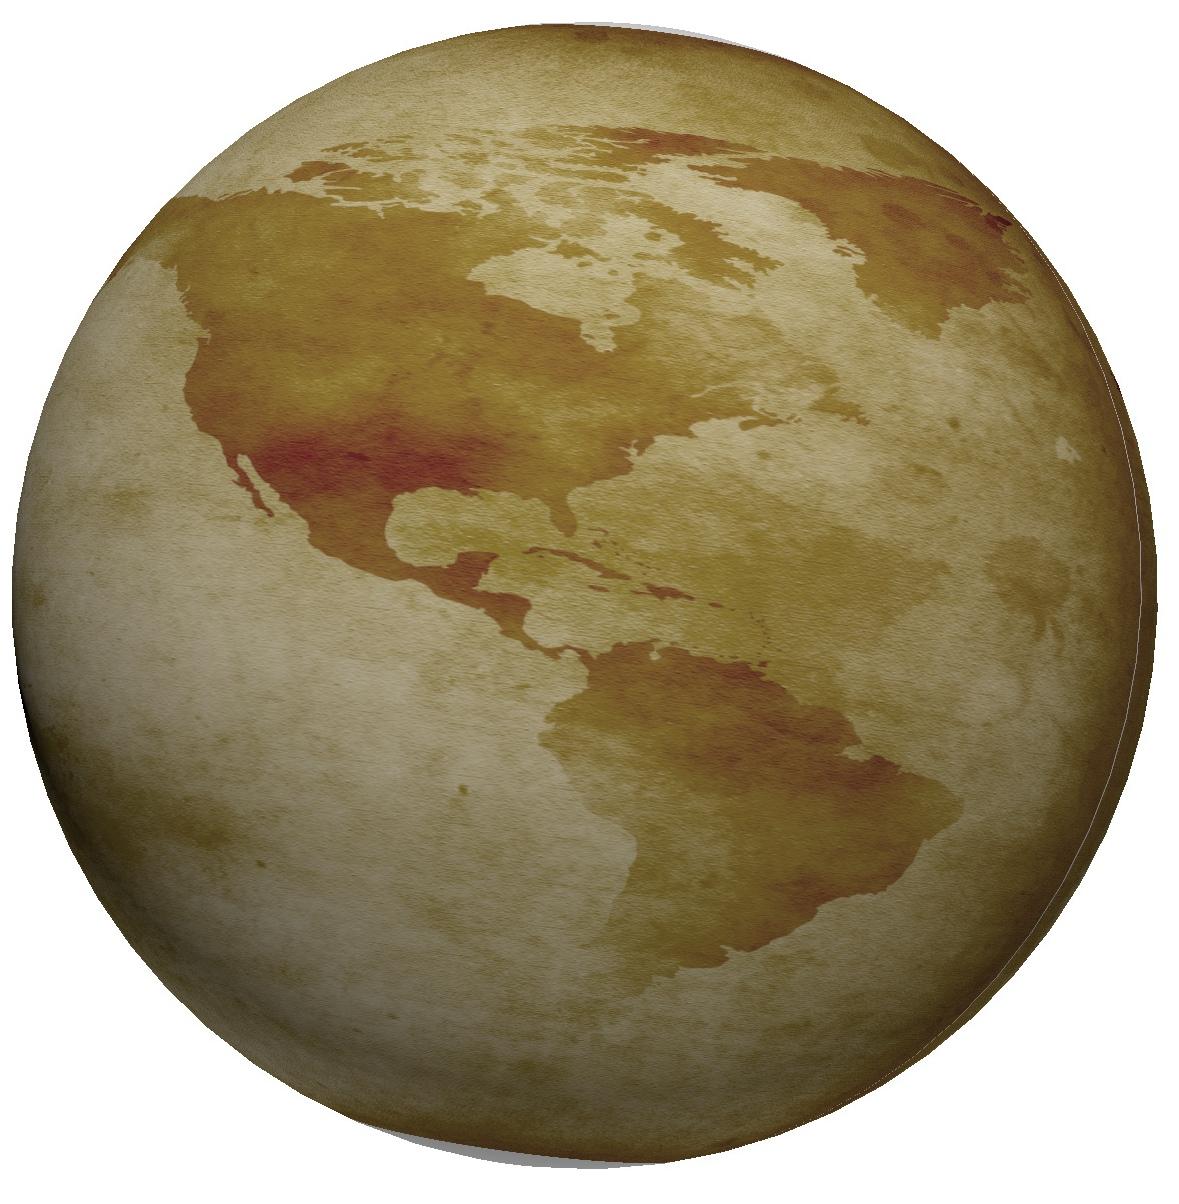 globo terraqueo 3